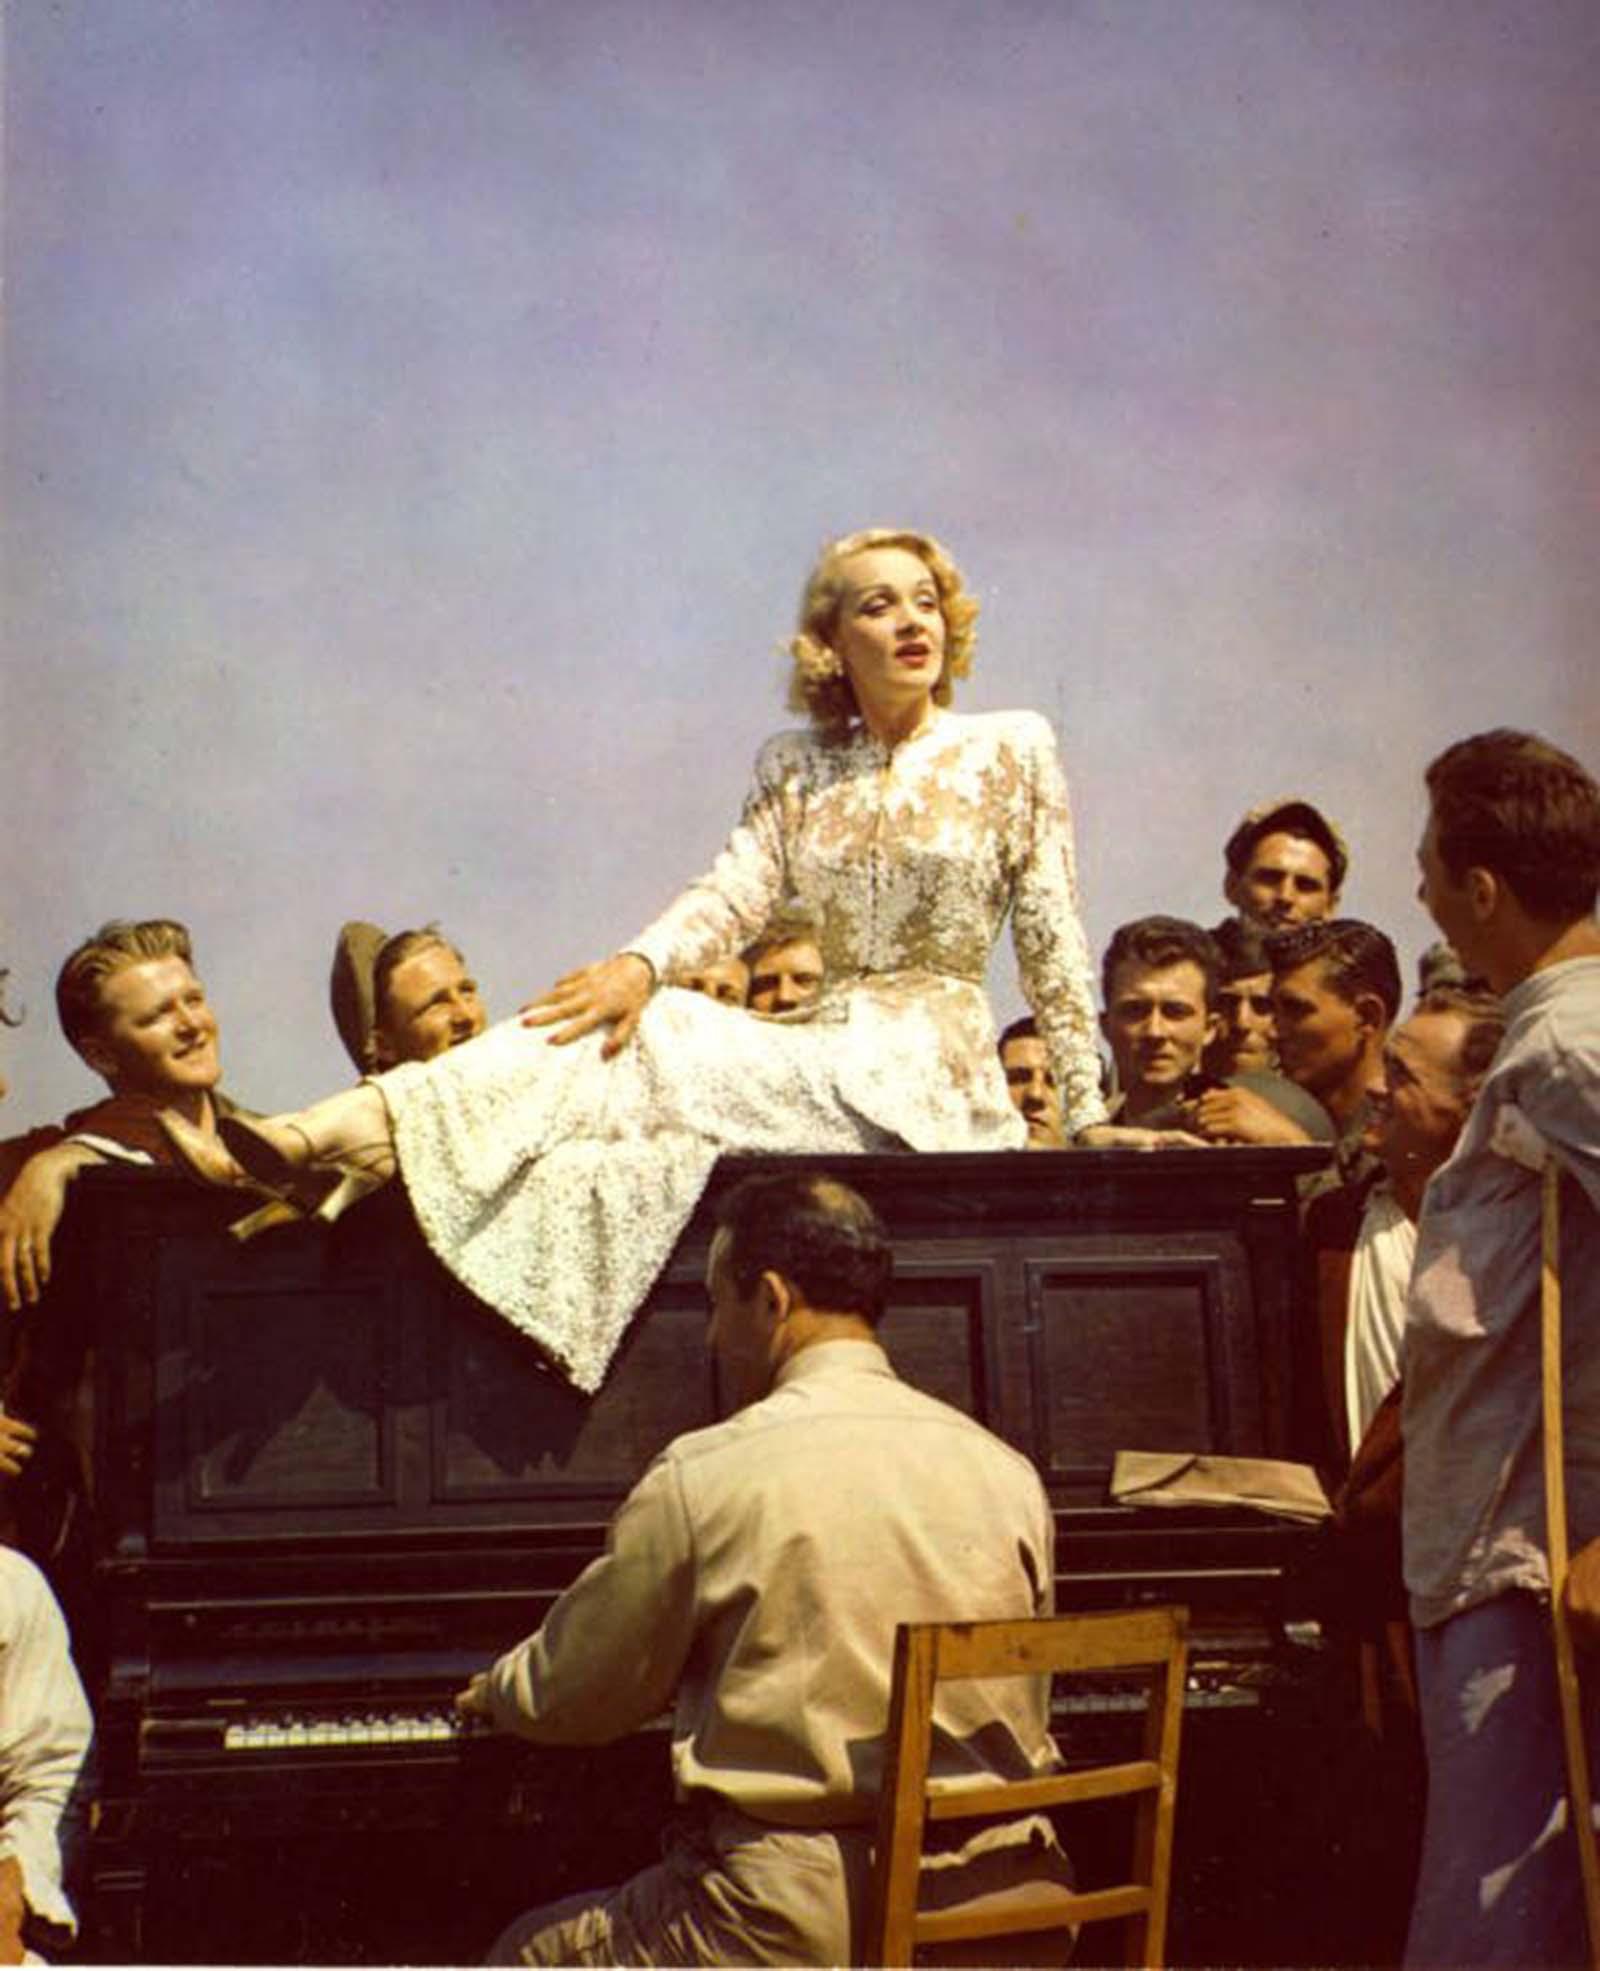 Marlene Dietrich színésznő zongorán ül, miközben a csapatok köré gyűlnek.  Olaszország.  1945.